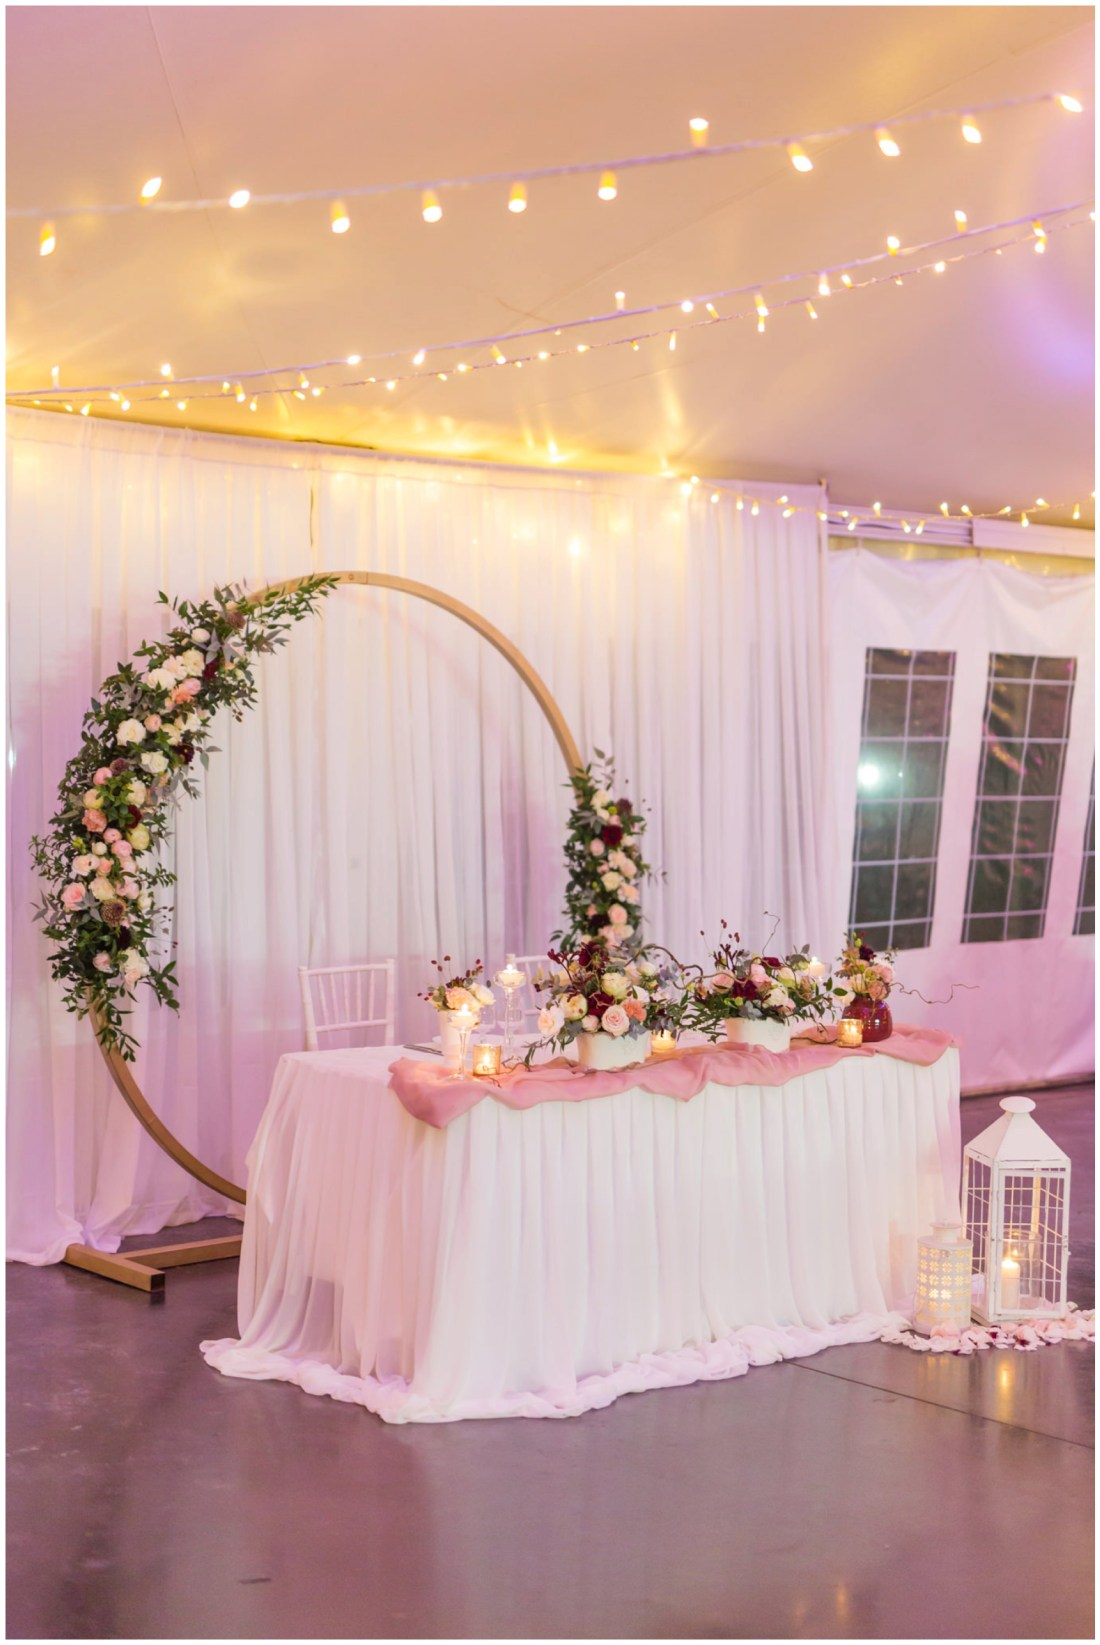 Décoration de mariage au domaine des mille cocos rose poudré, doré et marsala par pom event